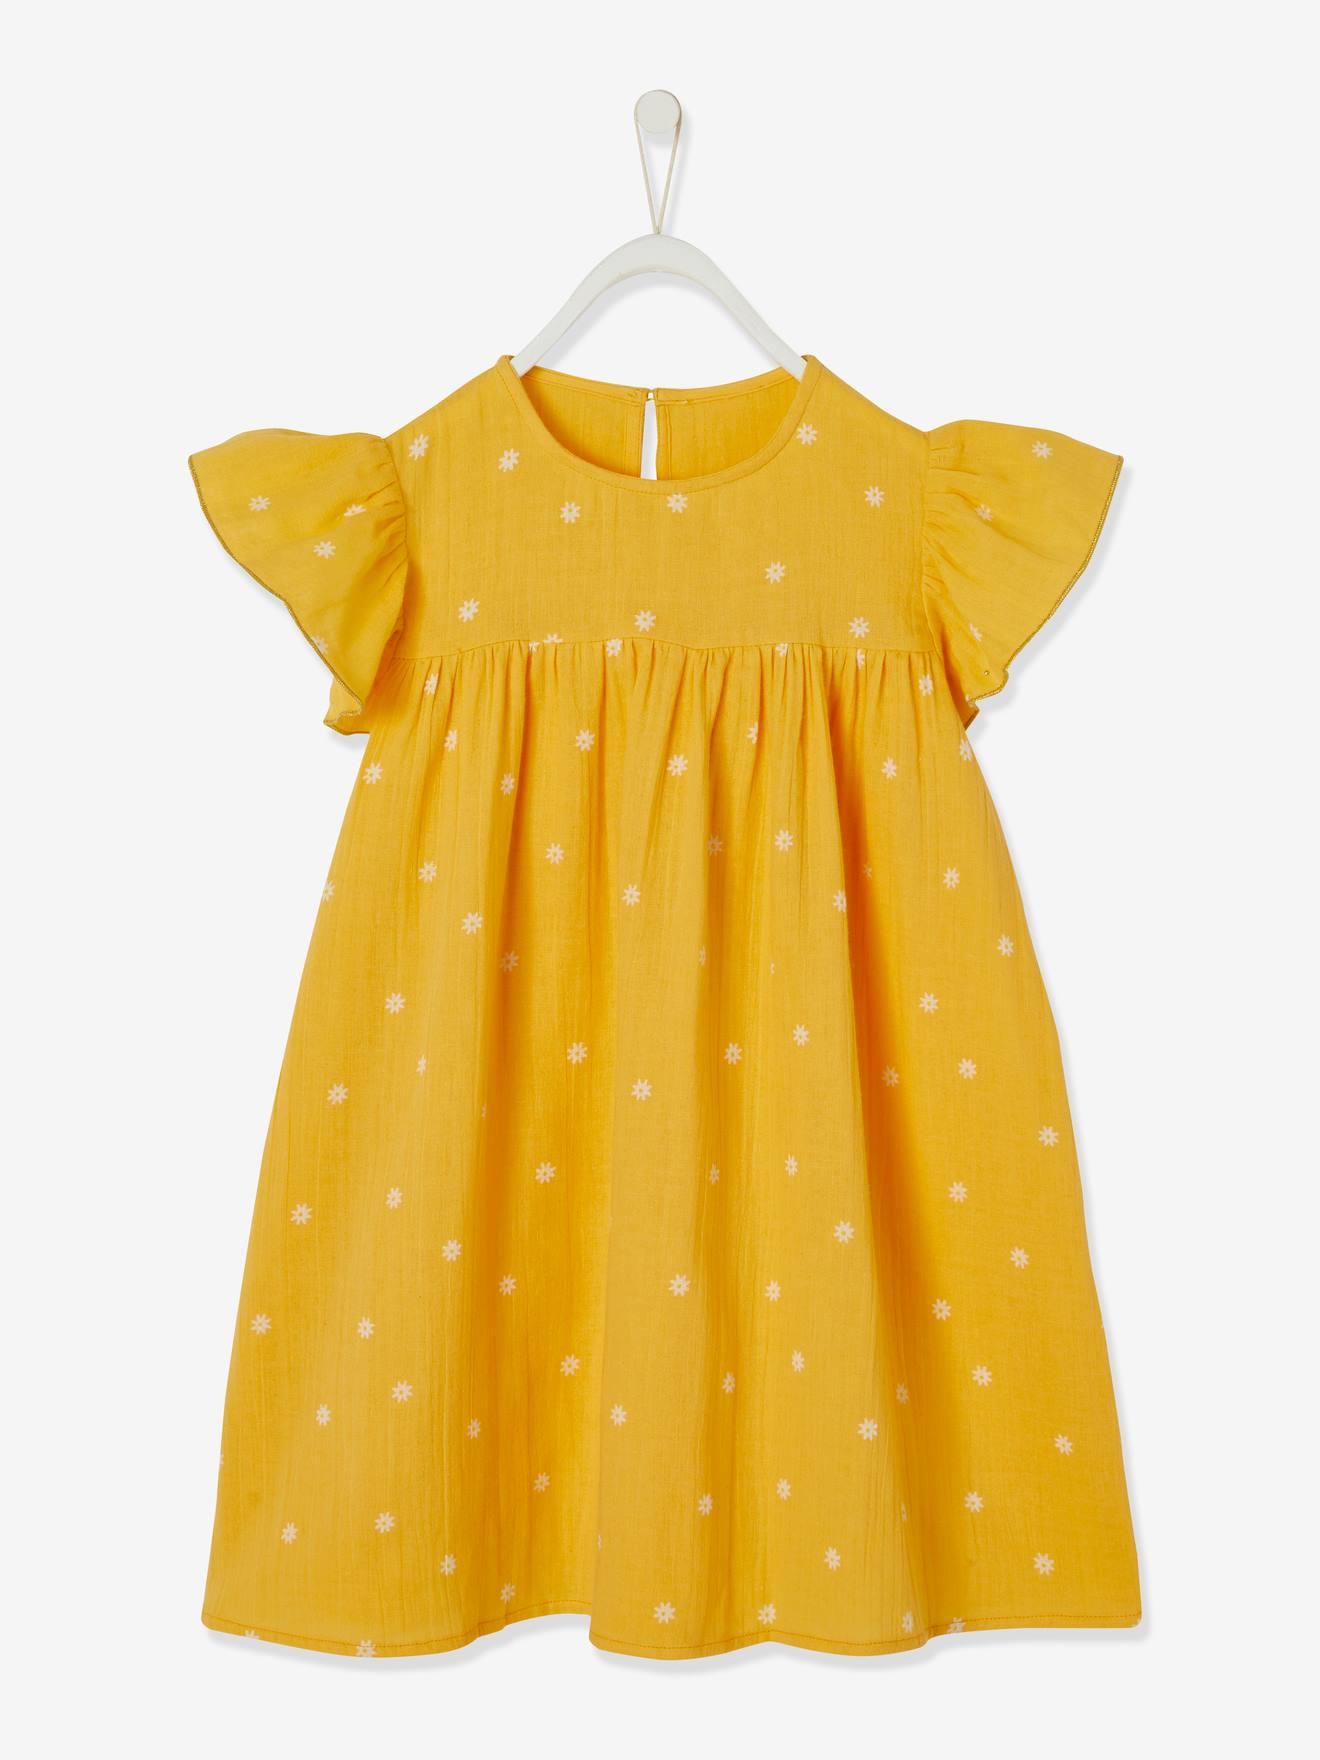 Mädchen Kleid mit Schmetterlingsärmeln, Musselin   gelb geblümt